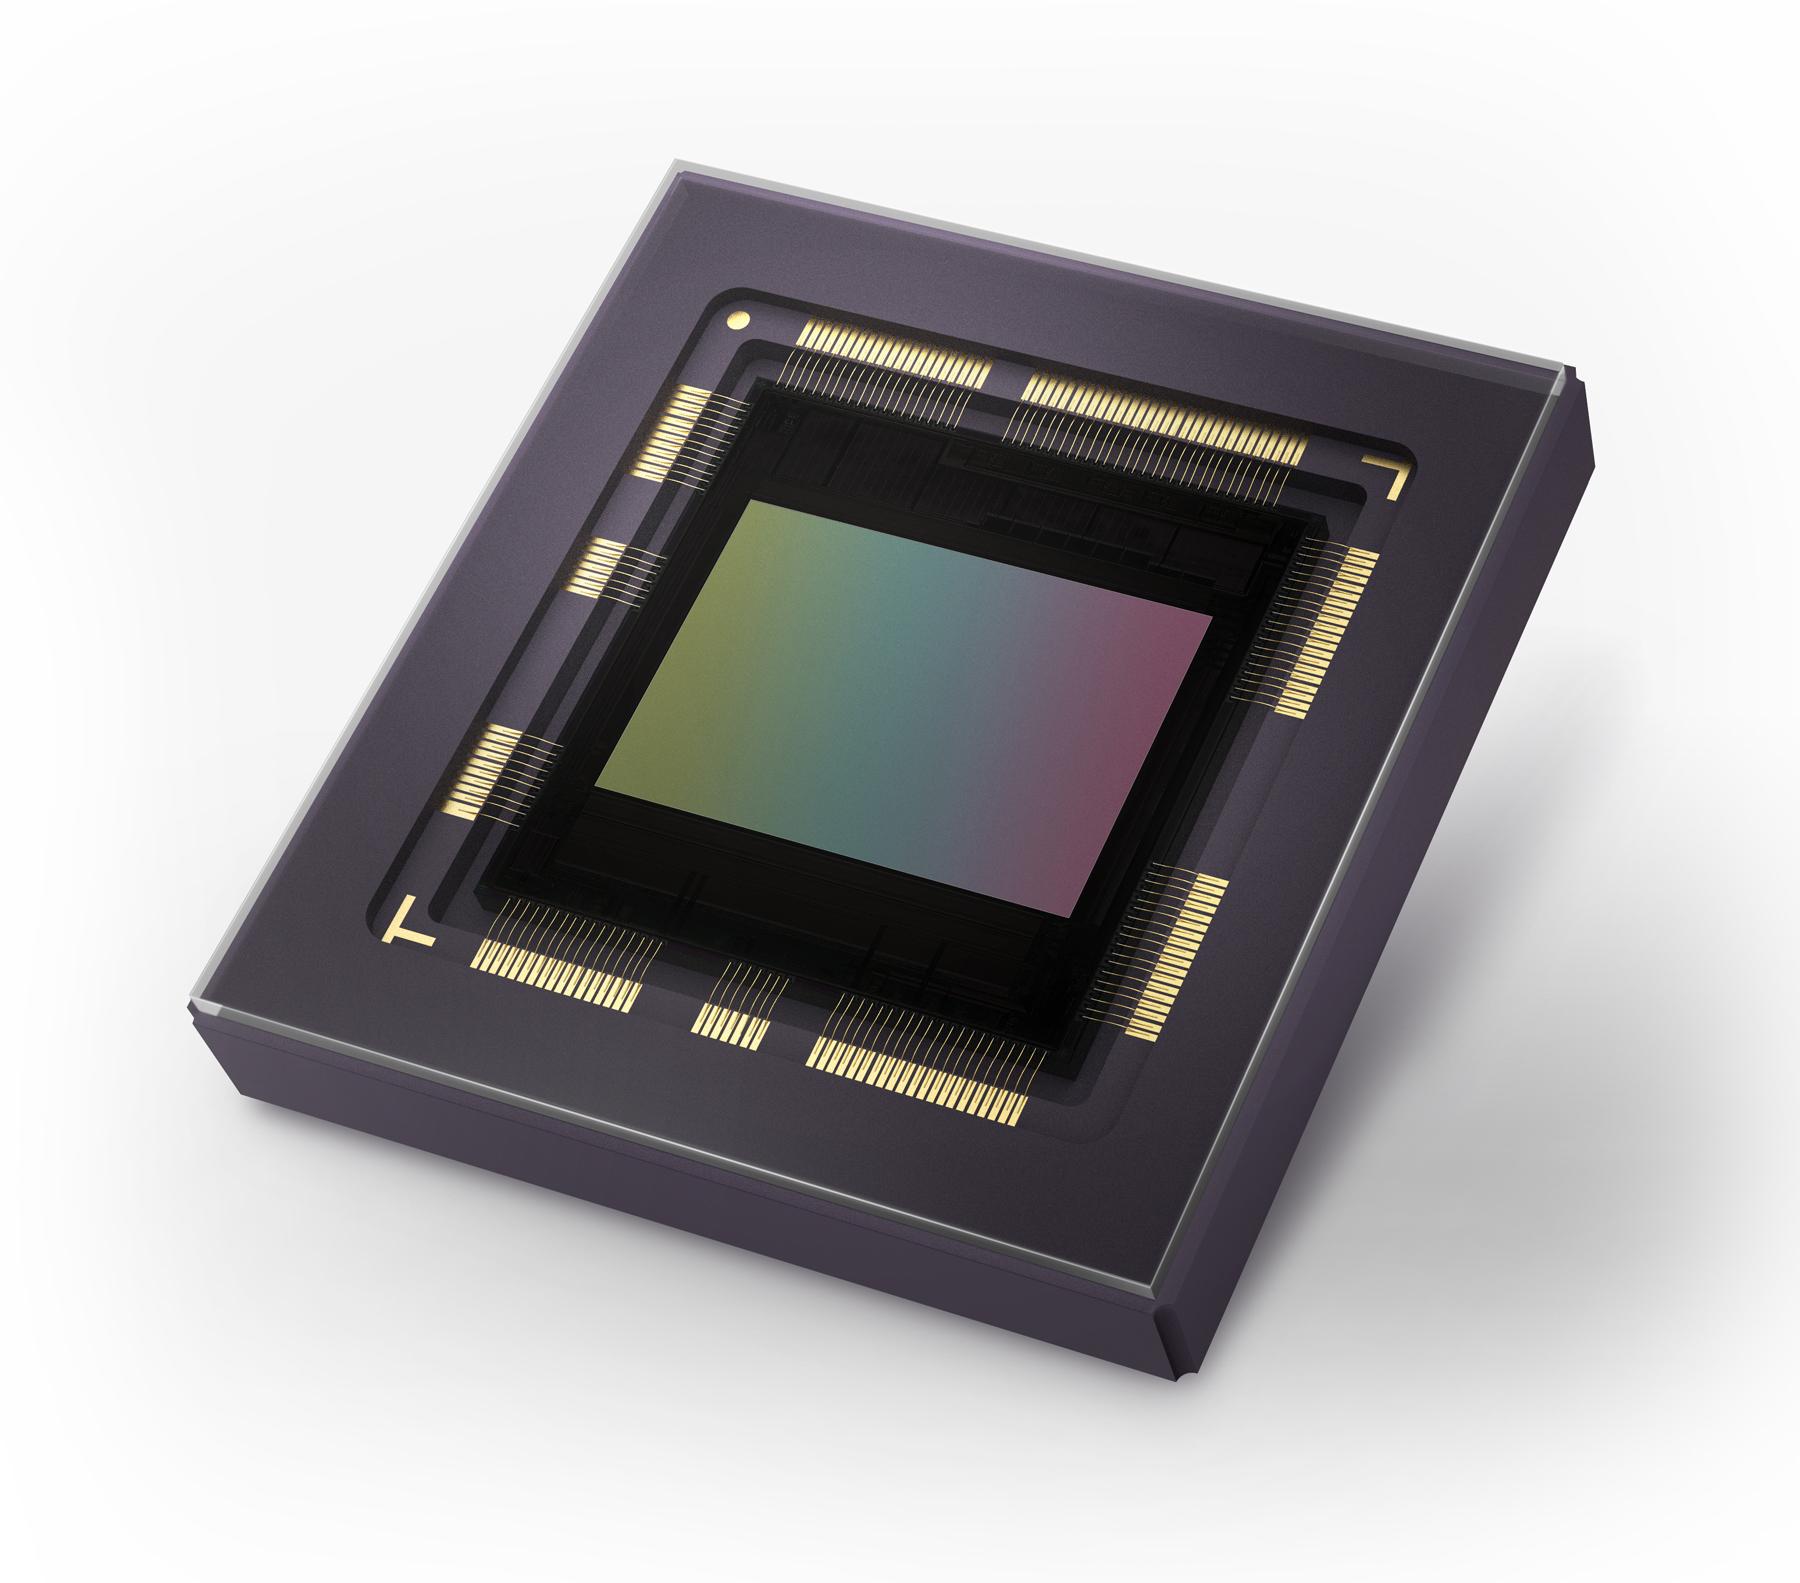 เซ็นเซอร์รูปภาพ CMOS ของ Teledyne e2v Emerald 5M